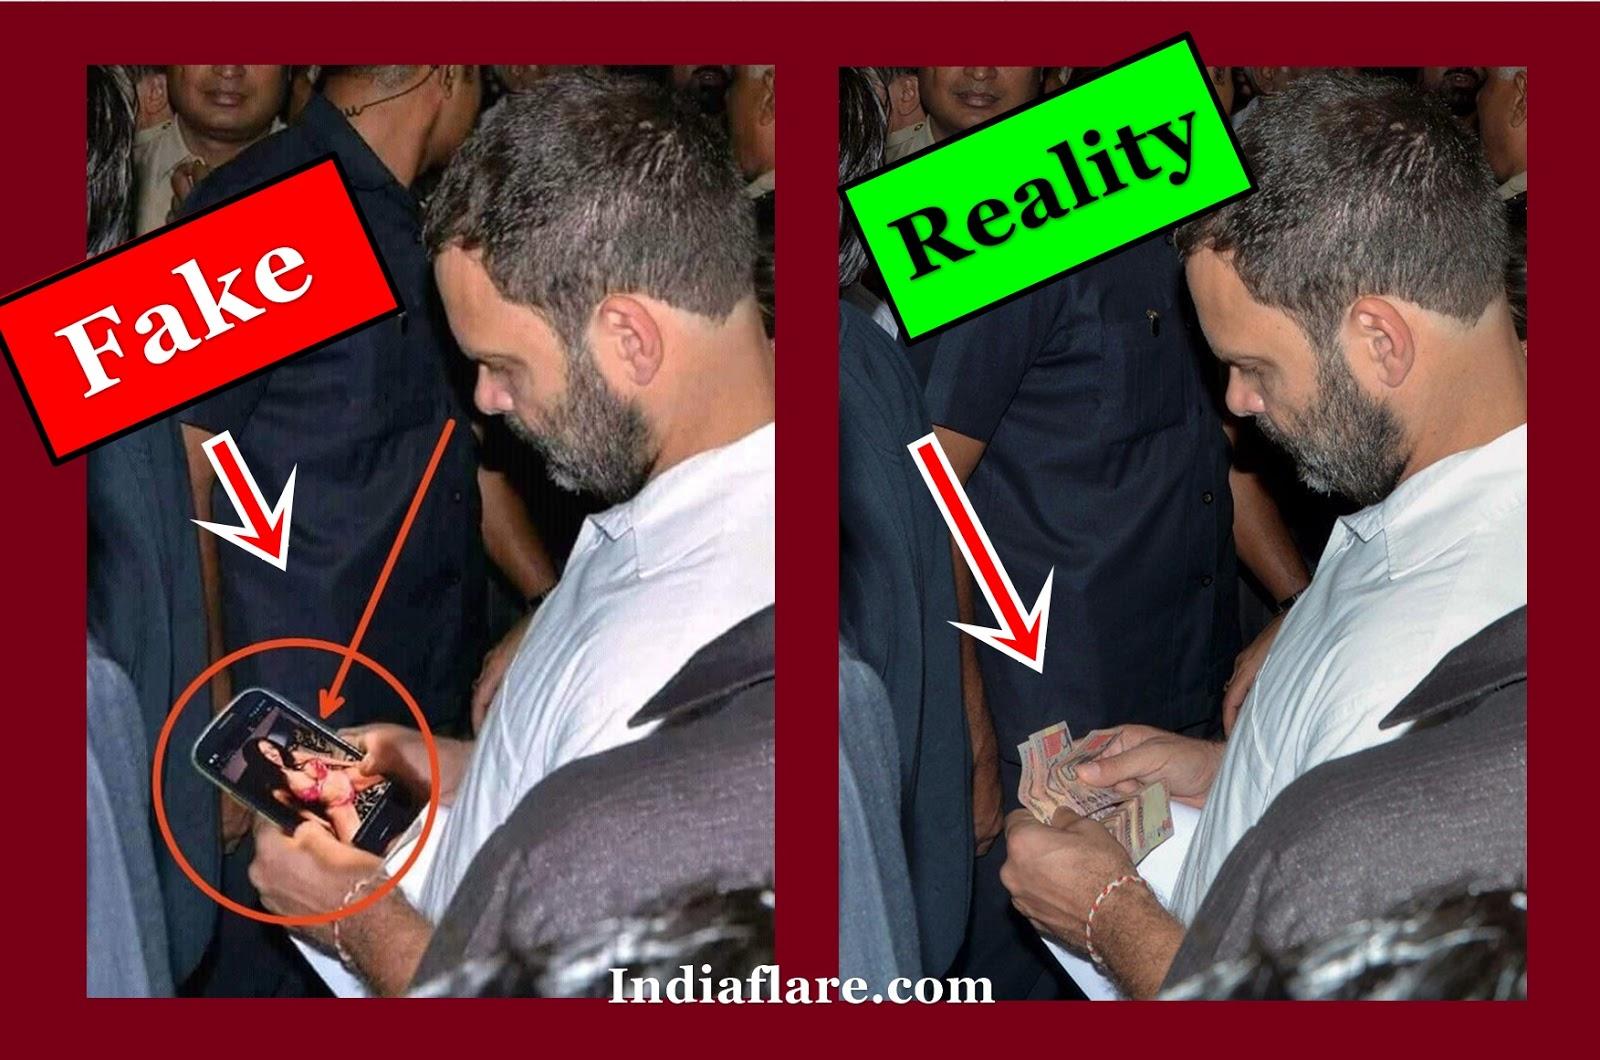 Viral : राहुल गाँधी मोबाइल में पोर्न देखते हुए फोटो का सच क्या है?